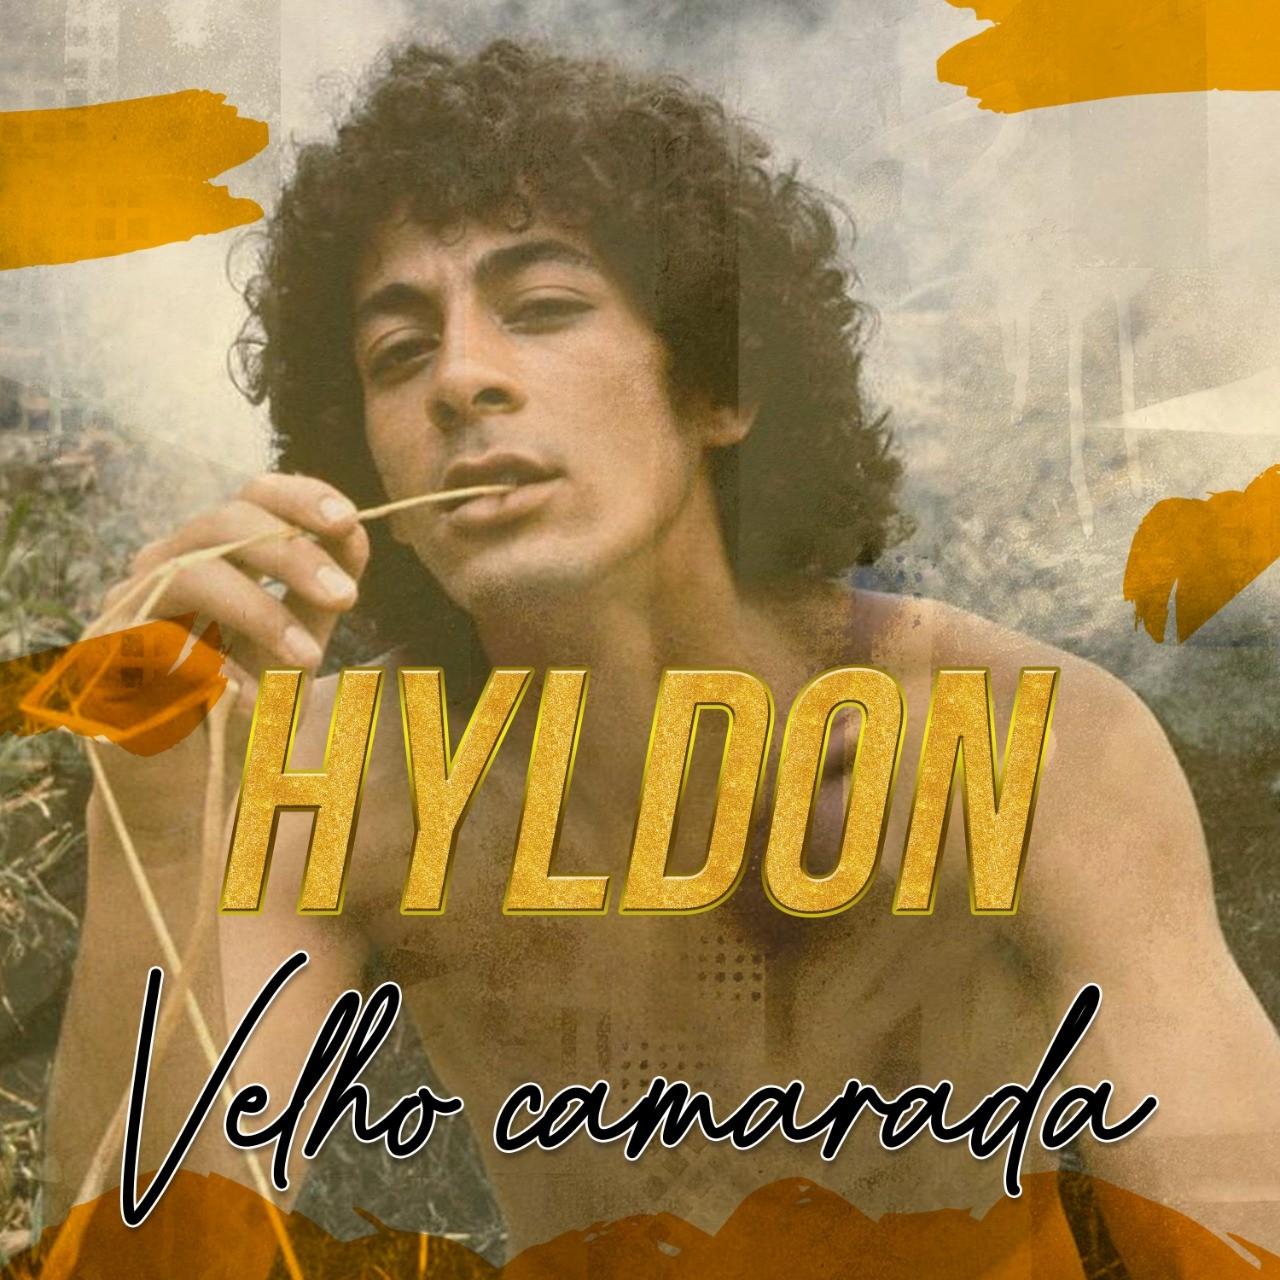 Hyldon recicla em single 'Velho camarada', canção fraterna que gravou com Fábio e Tim Maia em 1979